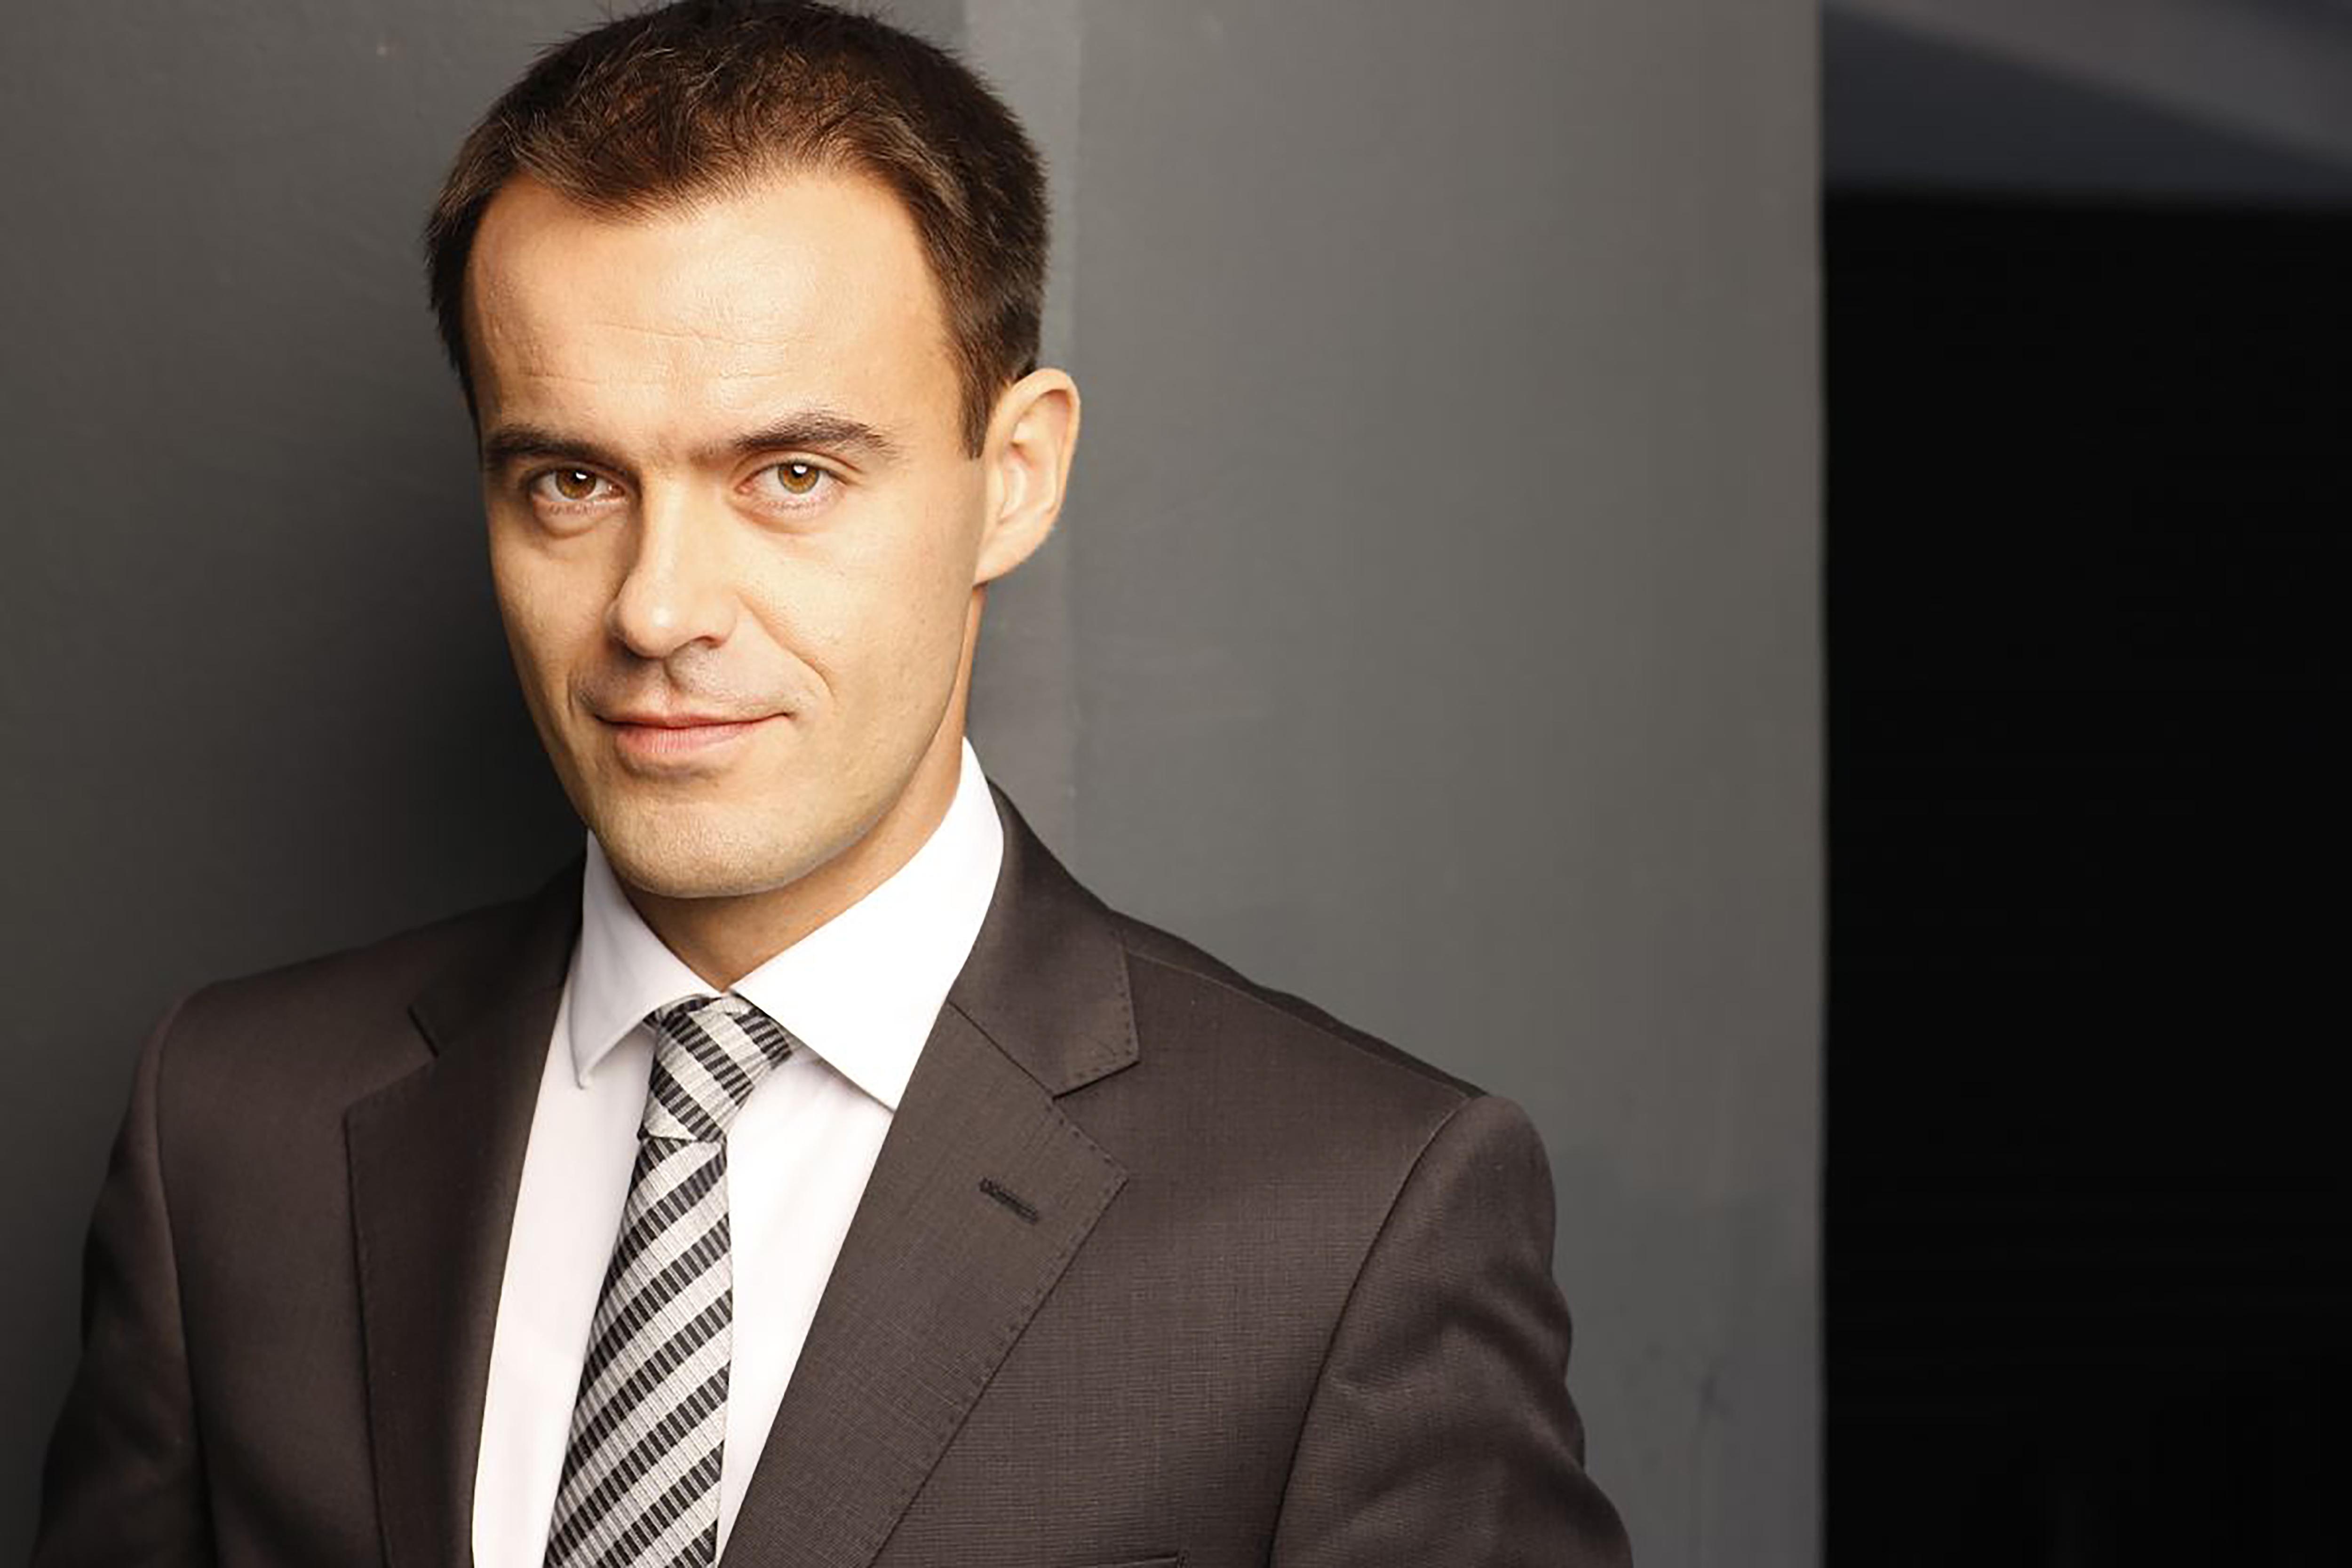 Mihai Dudiu